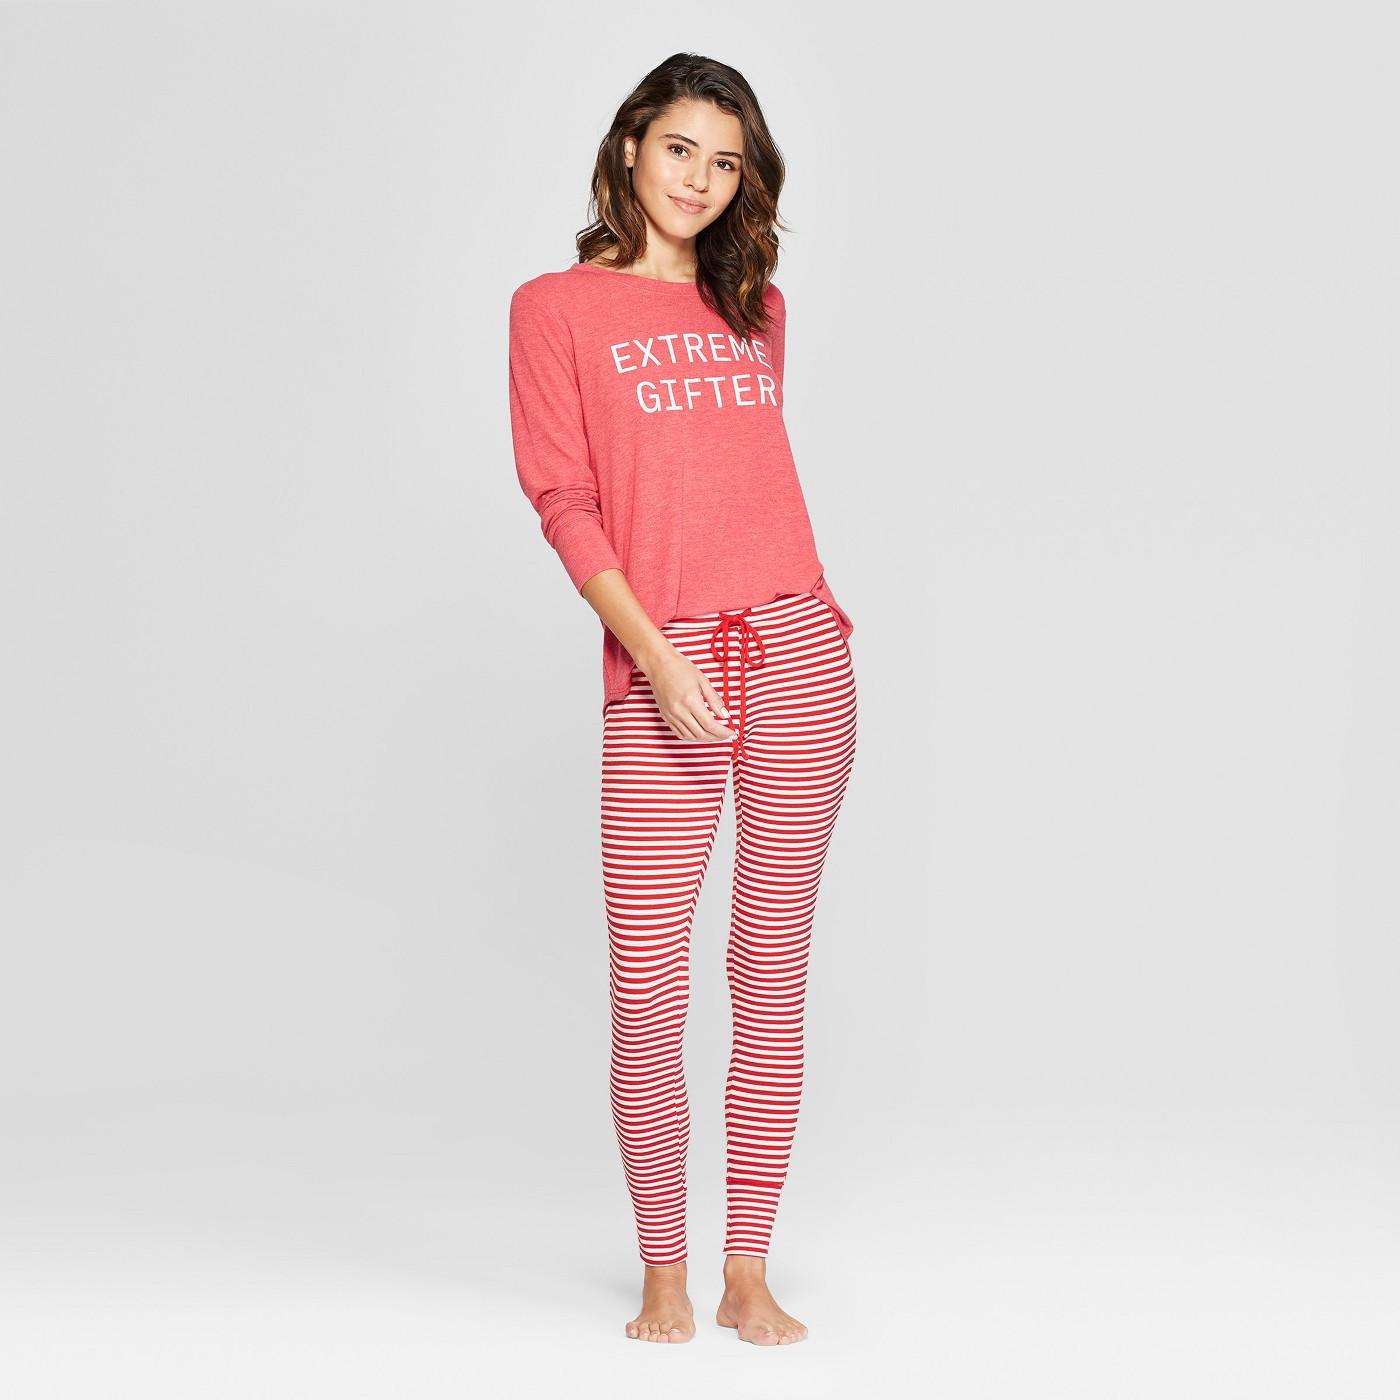 Women's Extreme Gifter Cozy Pajama Set - Xhilaration™ Red - image 1 of 2